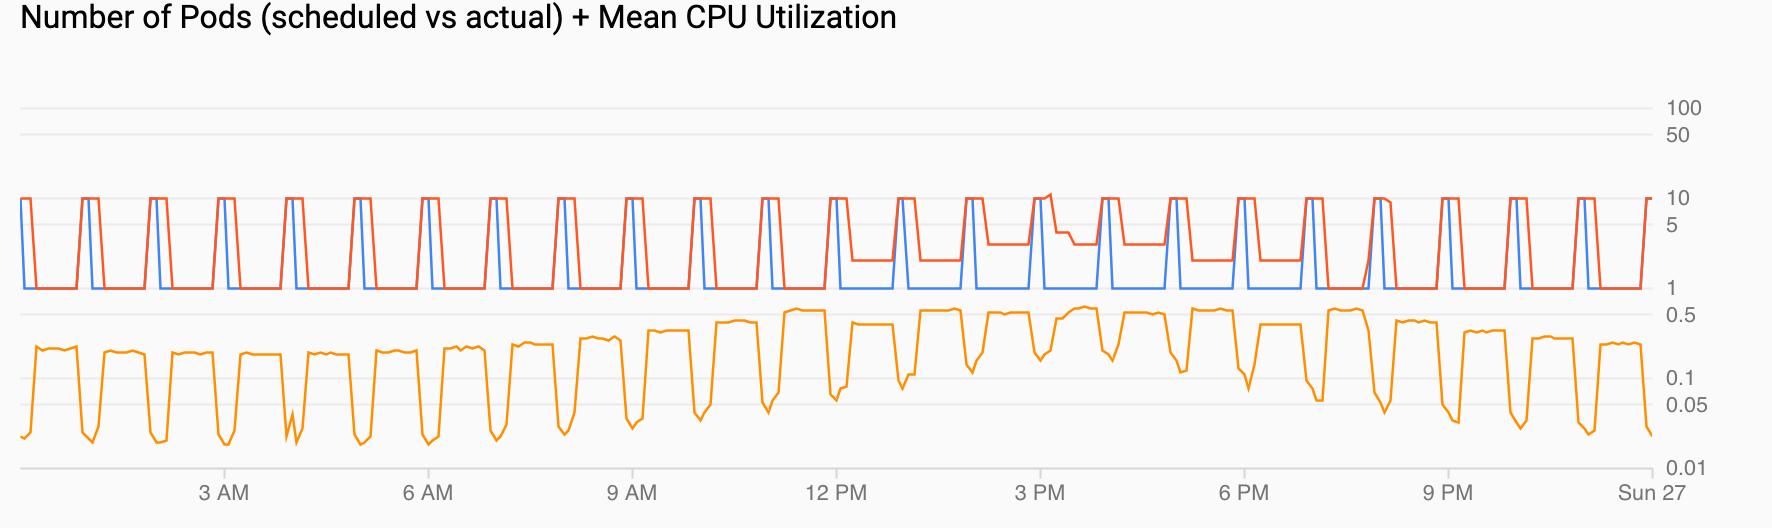 Deuxgraphiques. L'un montre la demande pour les pods avec un pic de la demande chaque heure. L'autre montre que l'utilisation du processeur augmente et diminue, mais que la hausse se limite à la valeur élevée configurée.